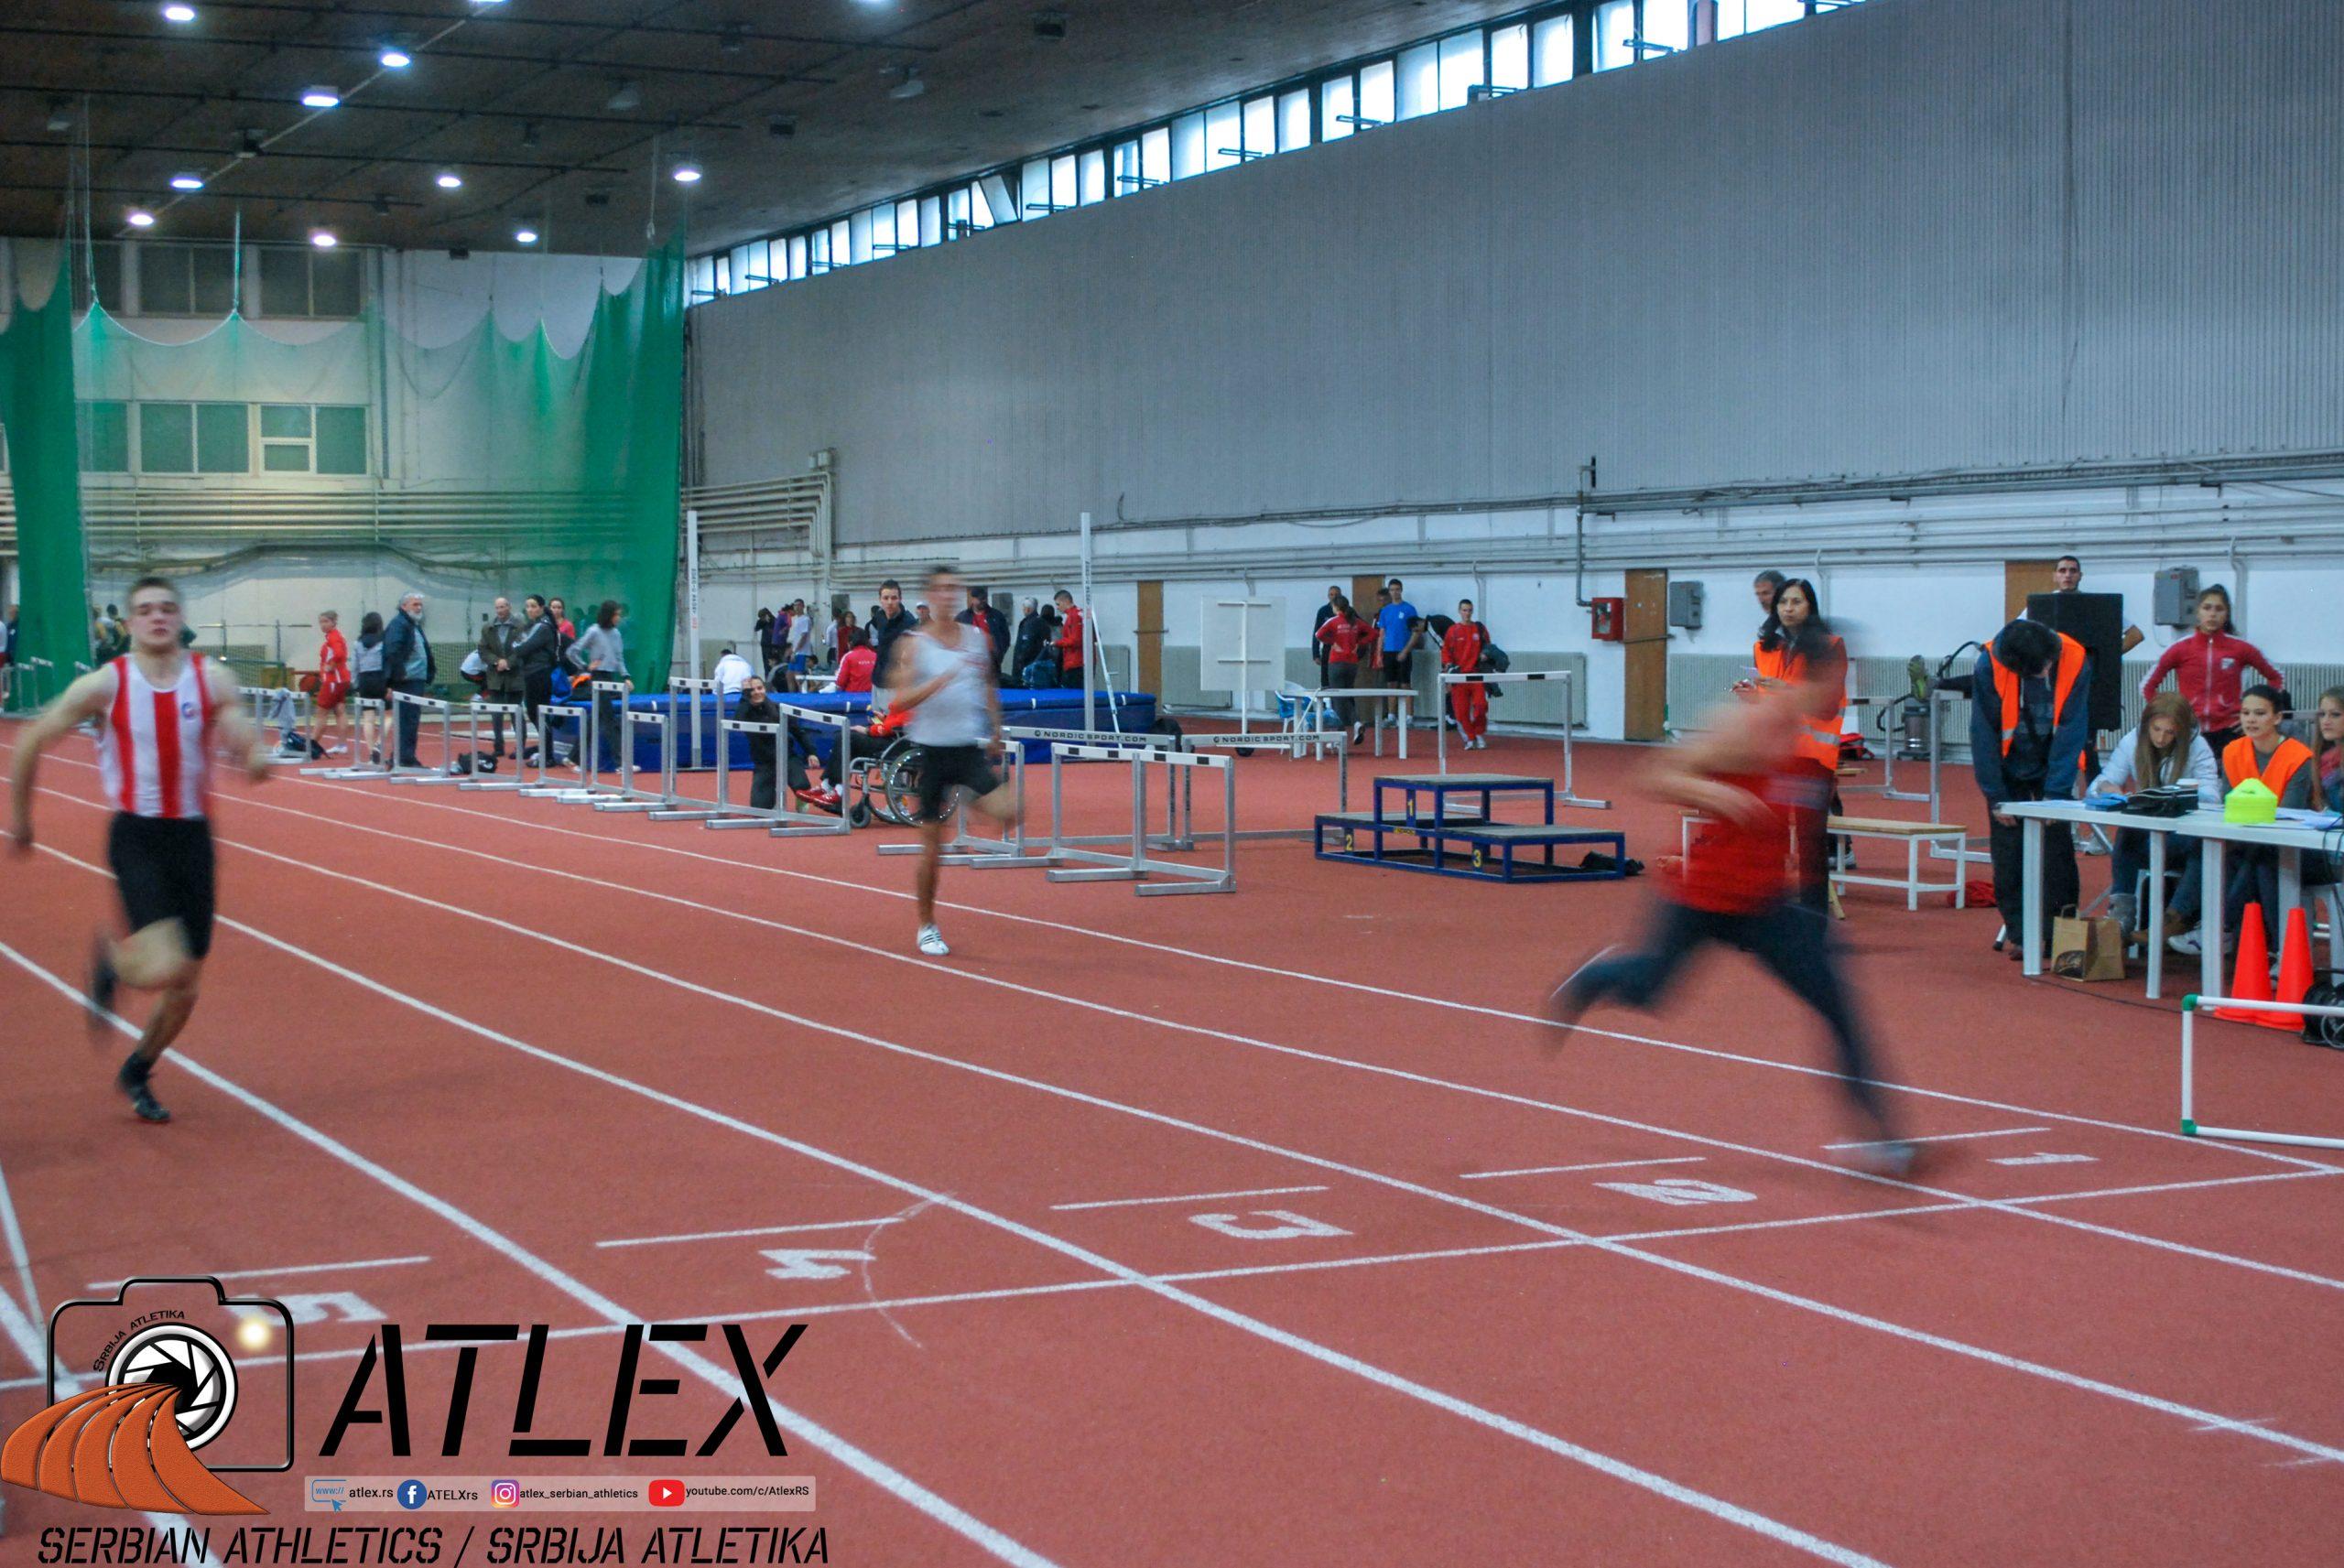 Atletska dvorana u Novom Sadu 2016